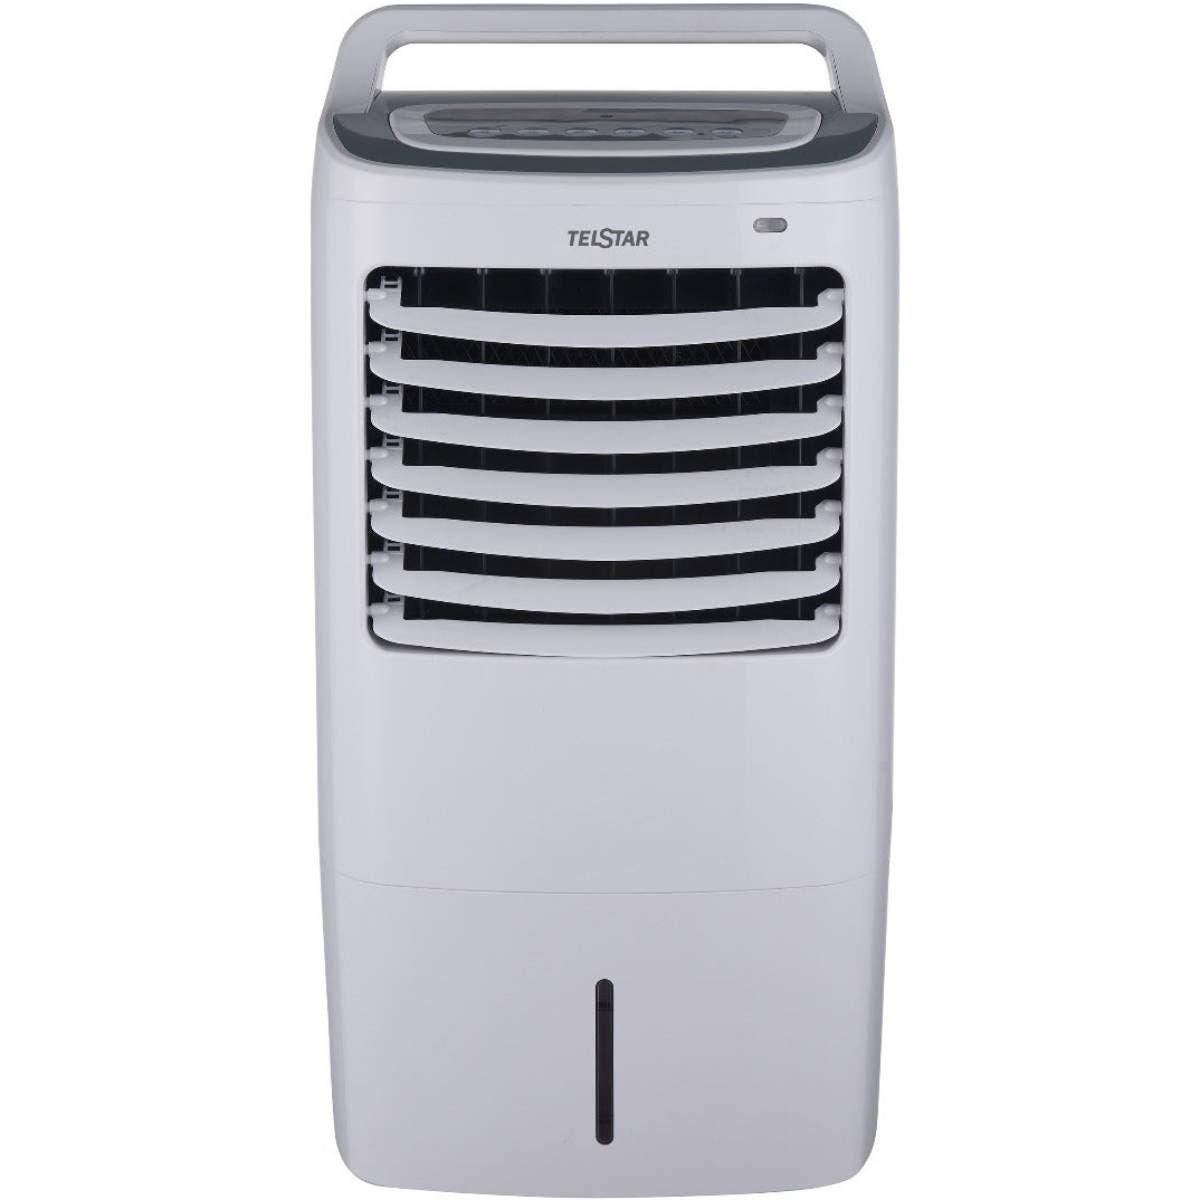 Enfriador de aire Telstar TEA012110MD12L